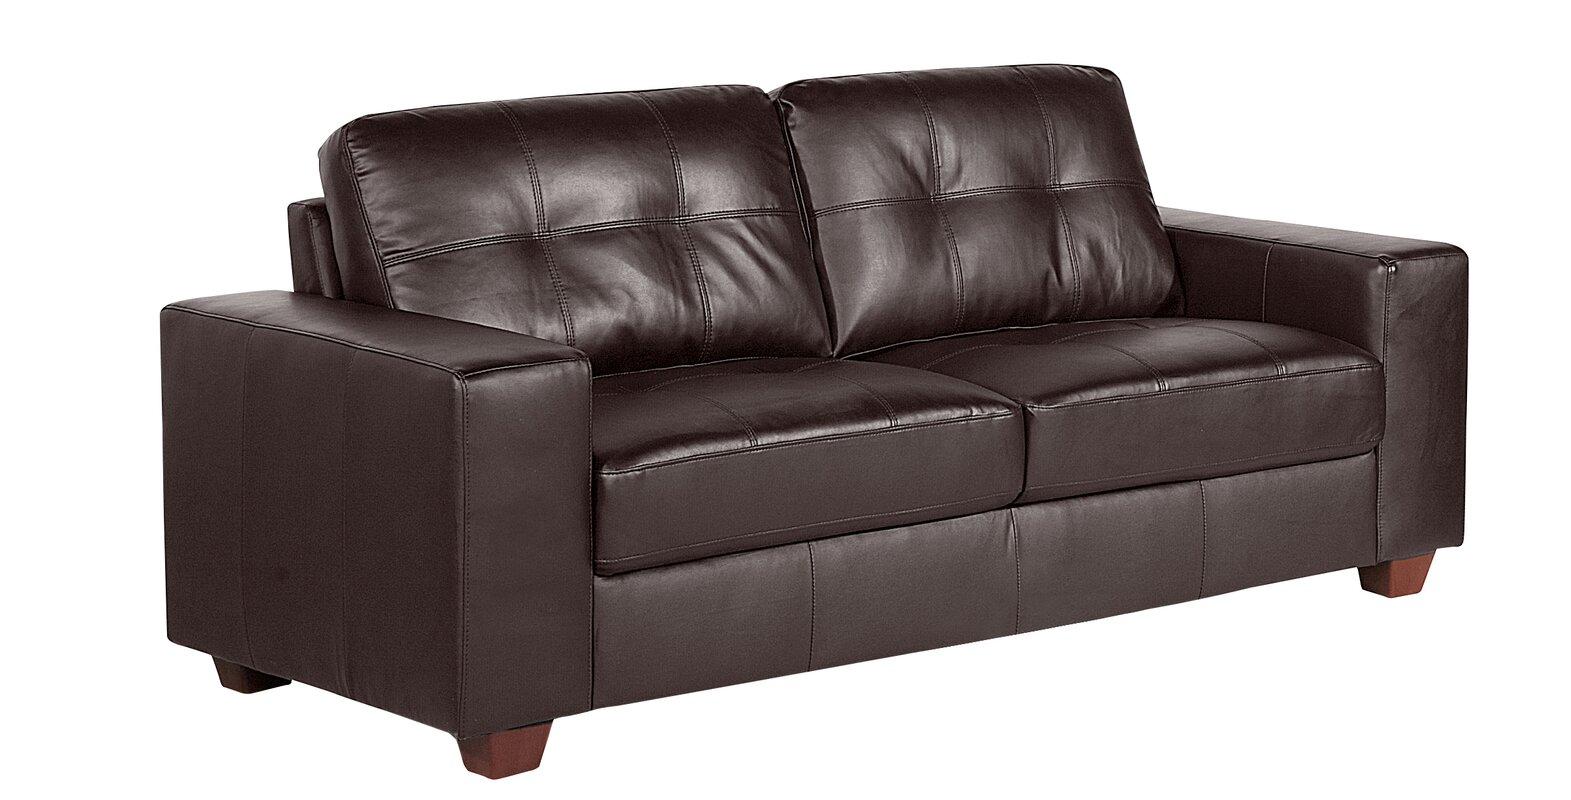 Roma corner sofa bed reviews sofa menzilperde net for Sofa bed ratings